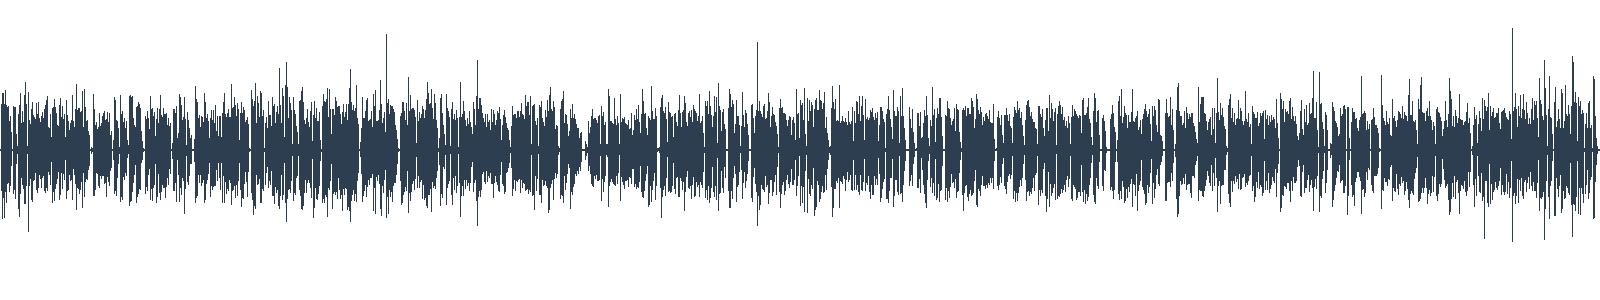 Vybrané okruhy z mechaniky pohrôm waveform